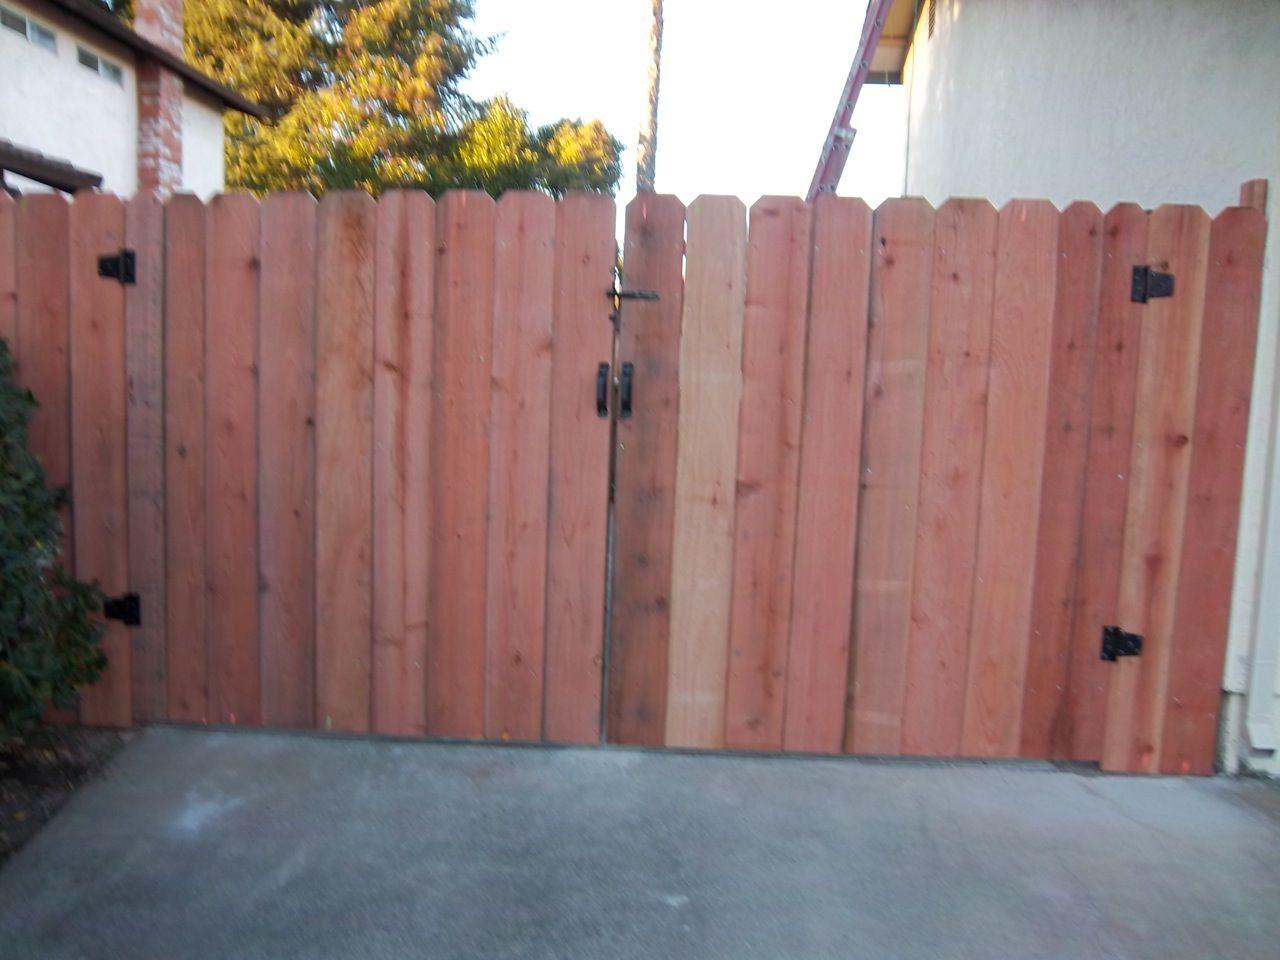 Dog Ear Arbor Fence Inc A Diamond Certified Company Wood Fence Gates Wood Fence Fence Gate